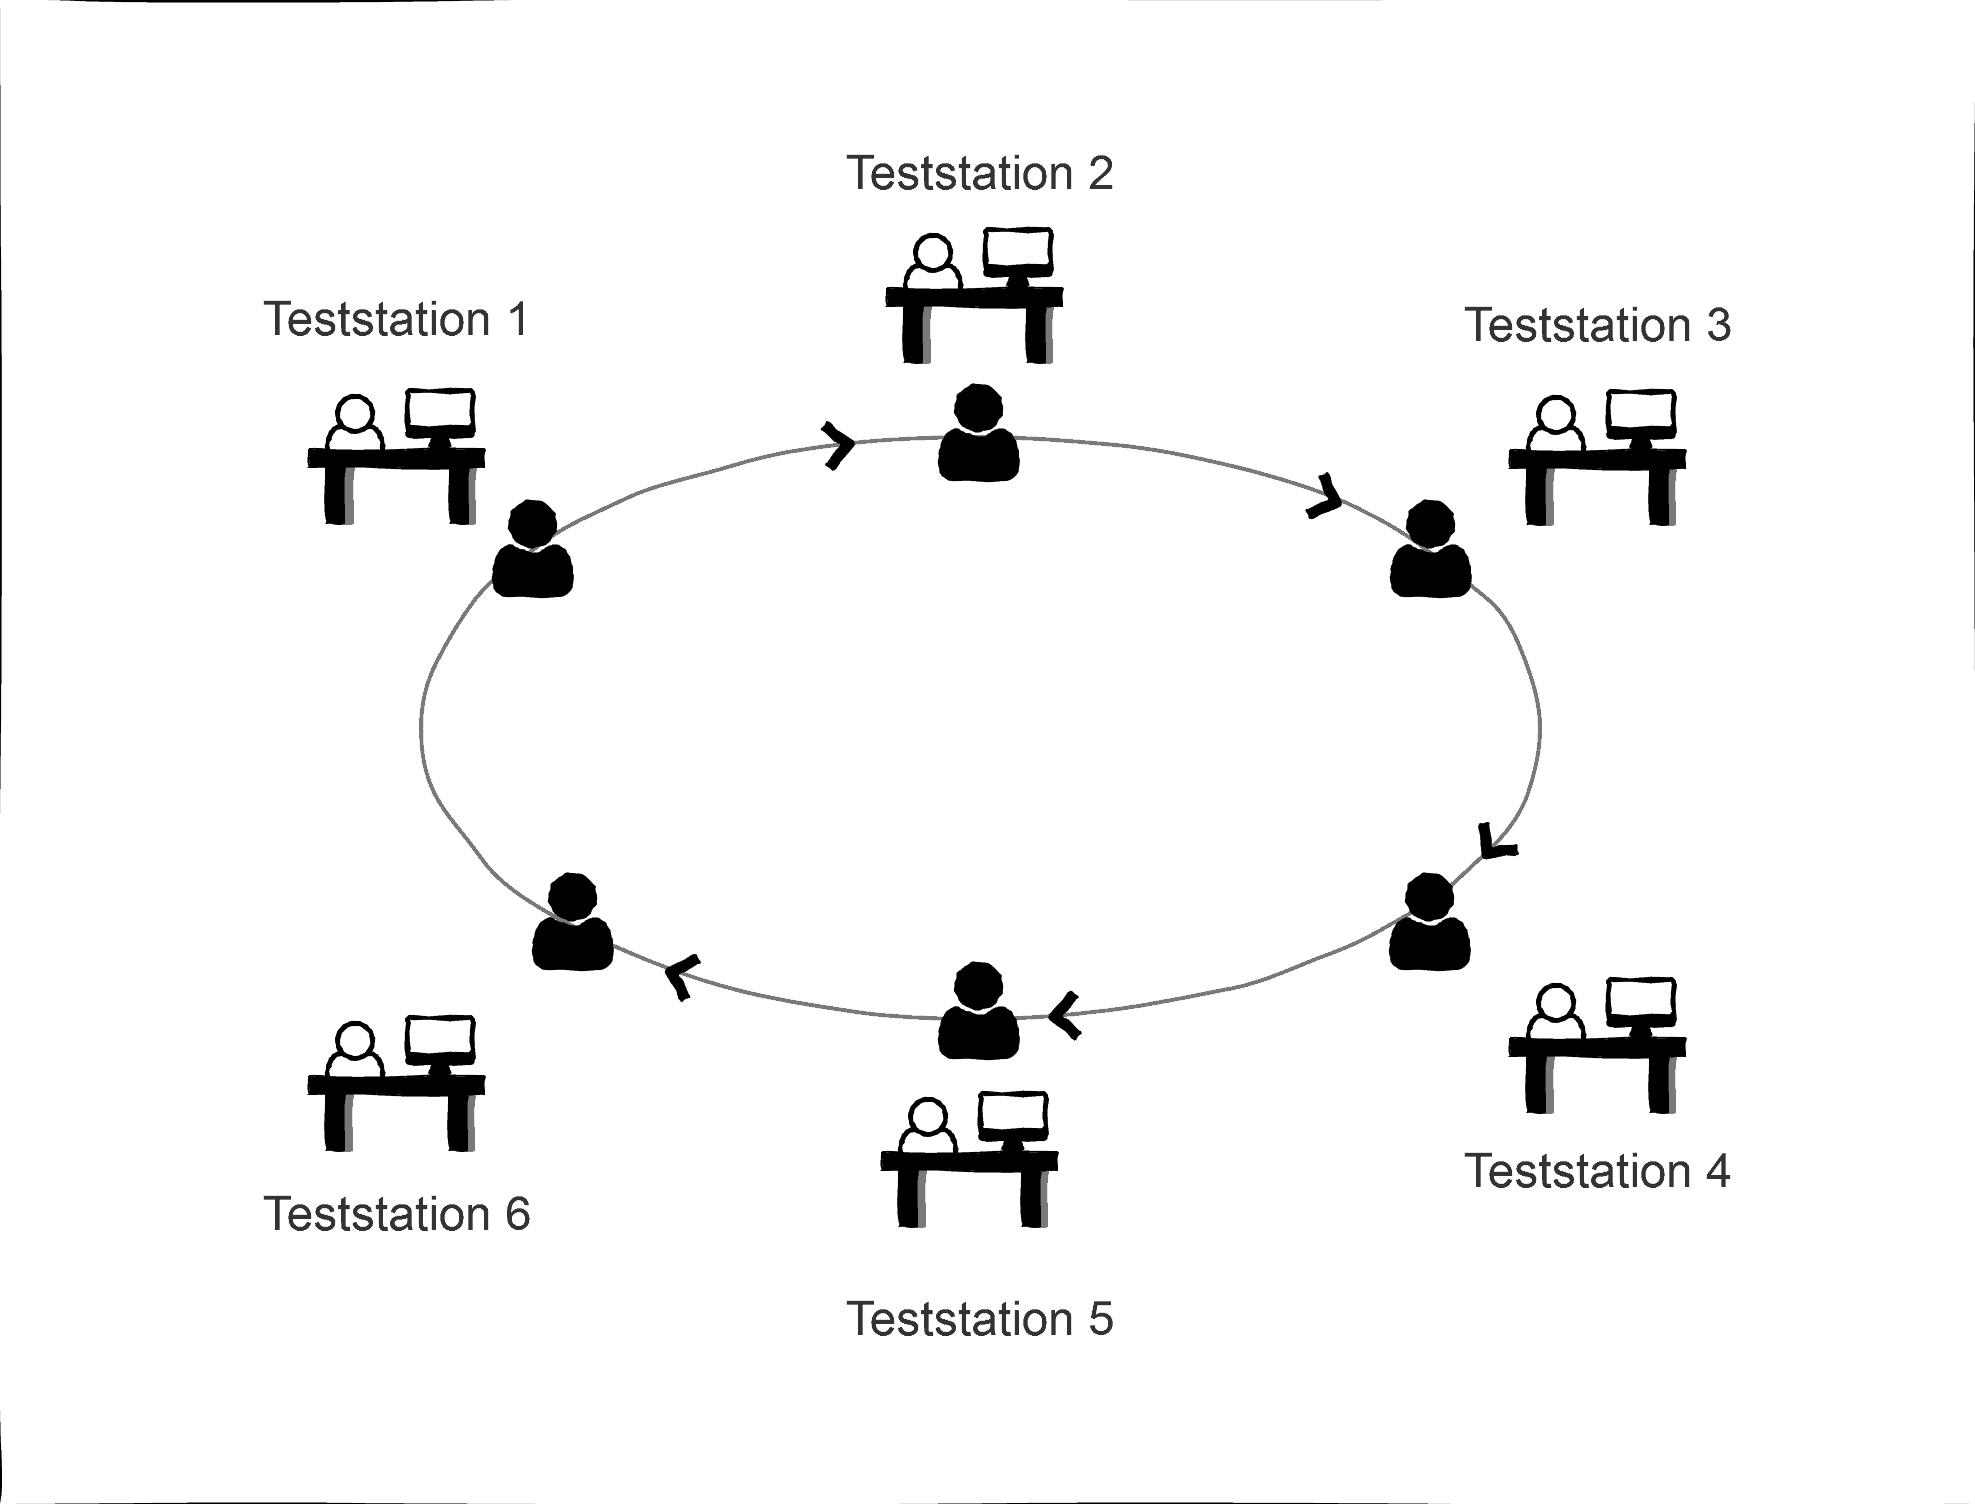 Die Abbildung zeigt einen Standardrundgang der Teilnehmer bei einem Usability Testessen. Alle 12 Minuten müssen die Teilnehmer die Teststation wechseln, bis sie bei 6 Usability Teststationen waren.